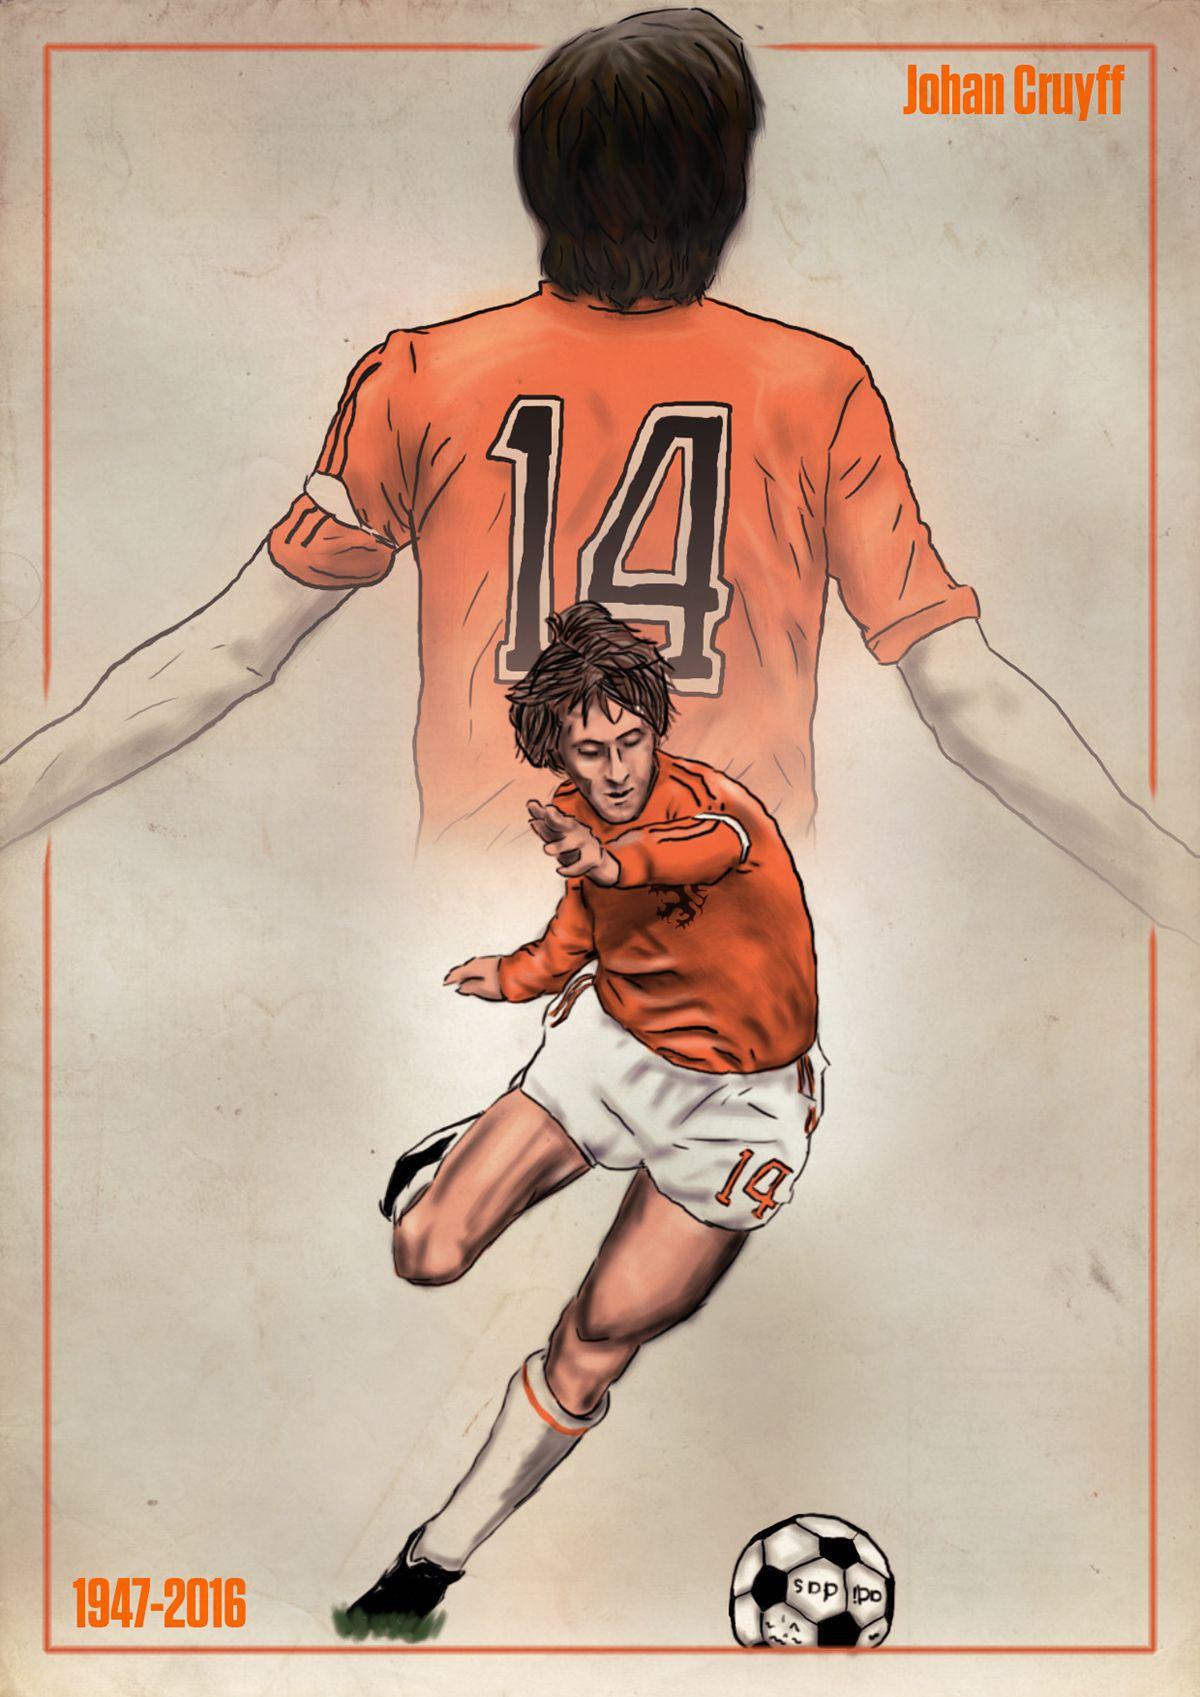 Ilustración en memoria de Johan Cruyff 1947-2016  5202f2650fe